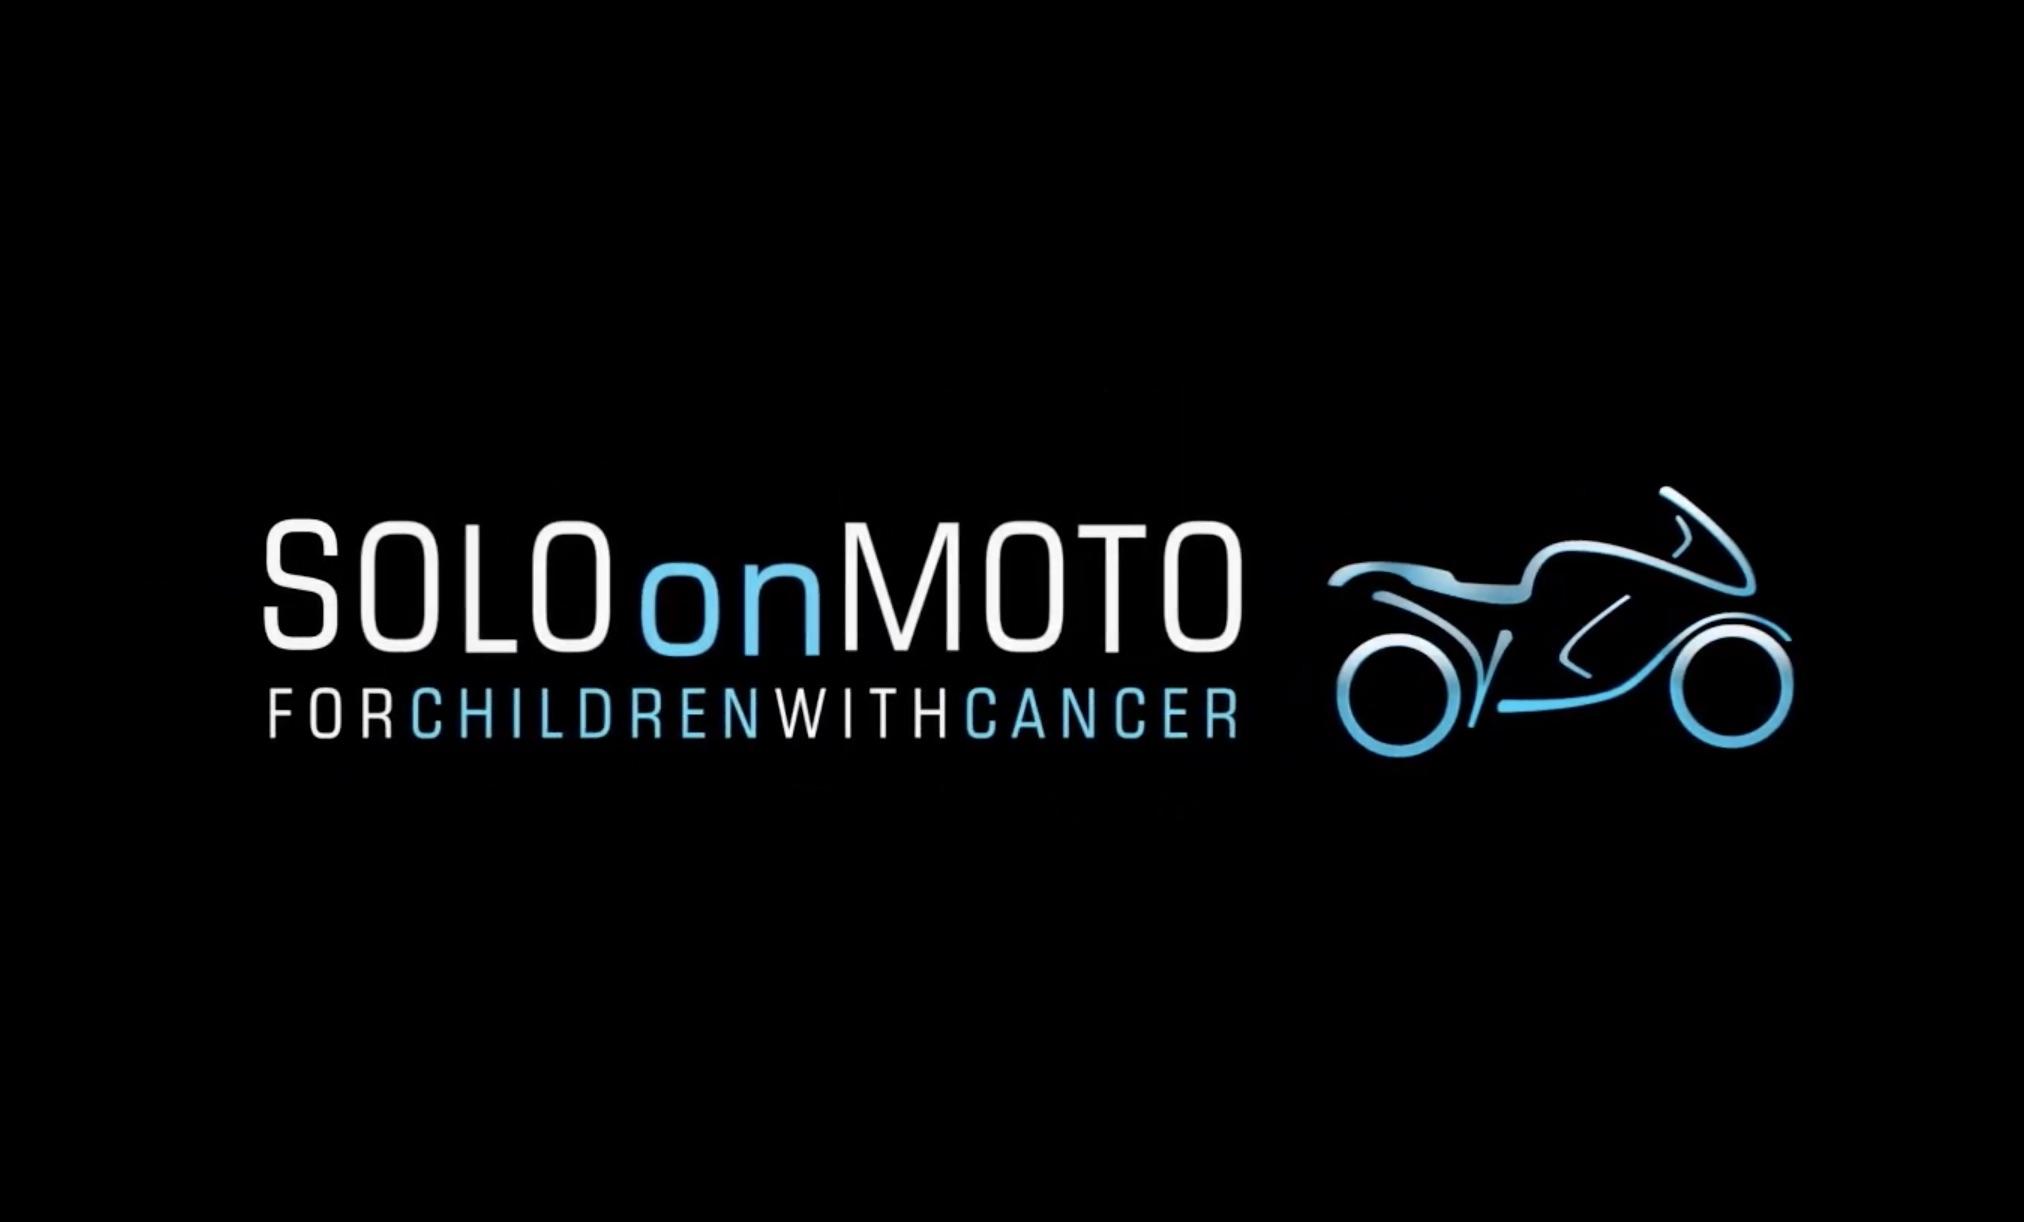 Solo on Moto